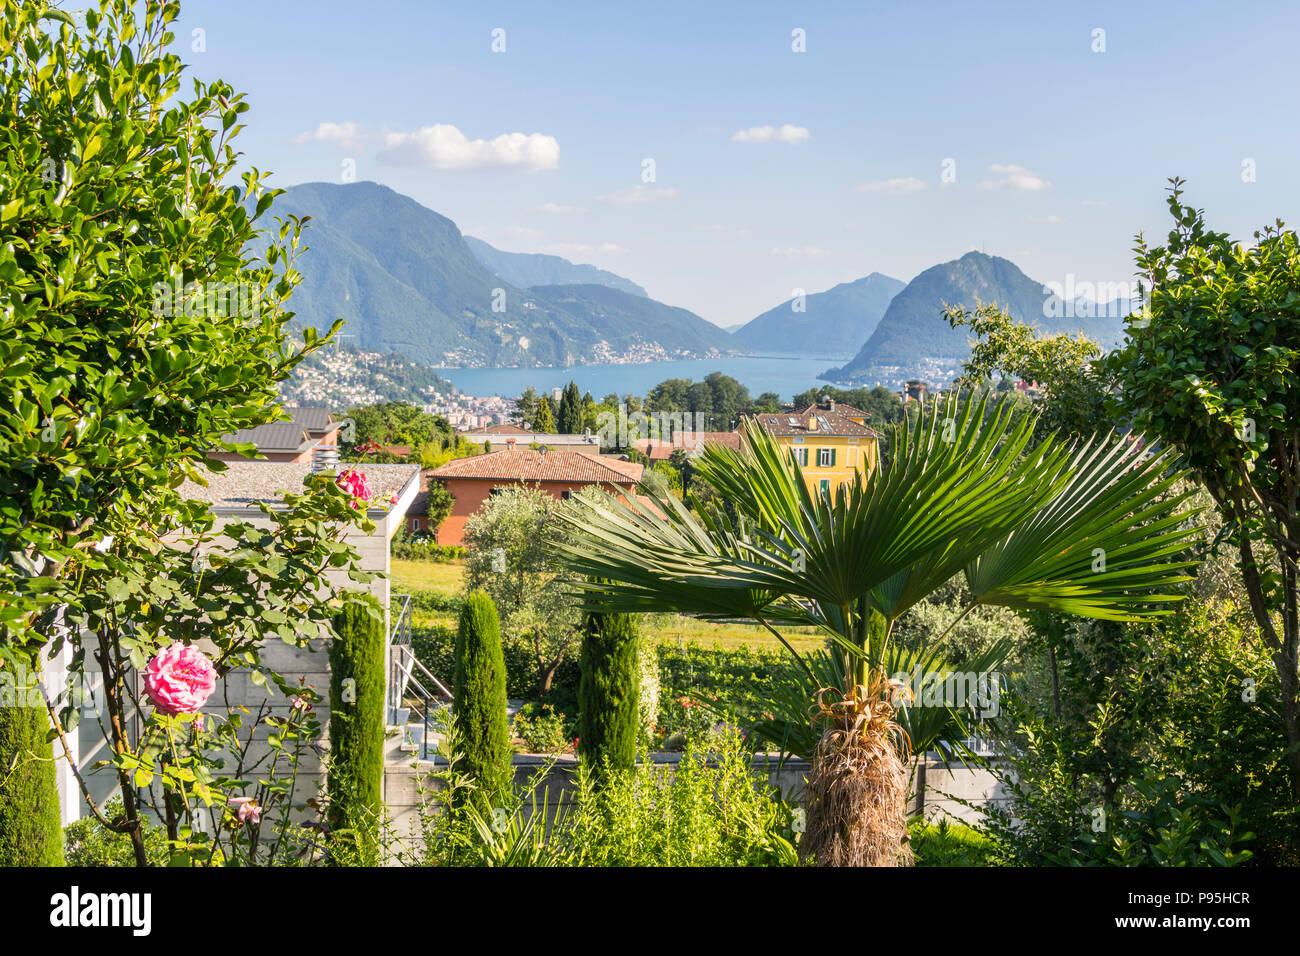 Aussicht auf die Berge und den See Landschaft grün berge seen, glückliches Leben, gesundes Leben, üppigen Sommer Konzept, Urlaub, Ferien Stockbild